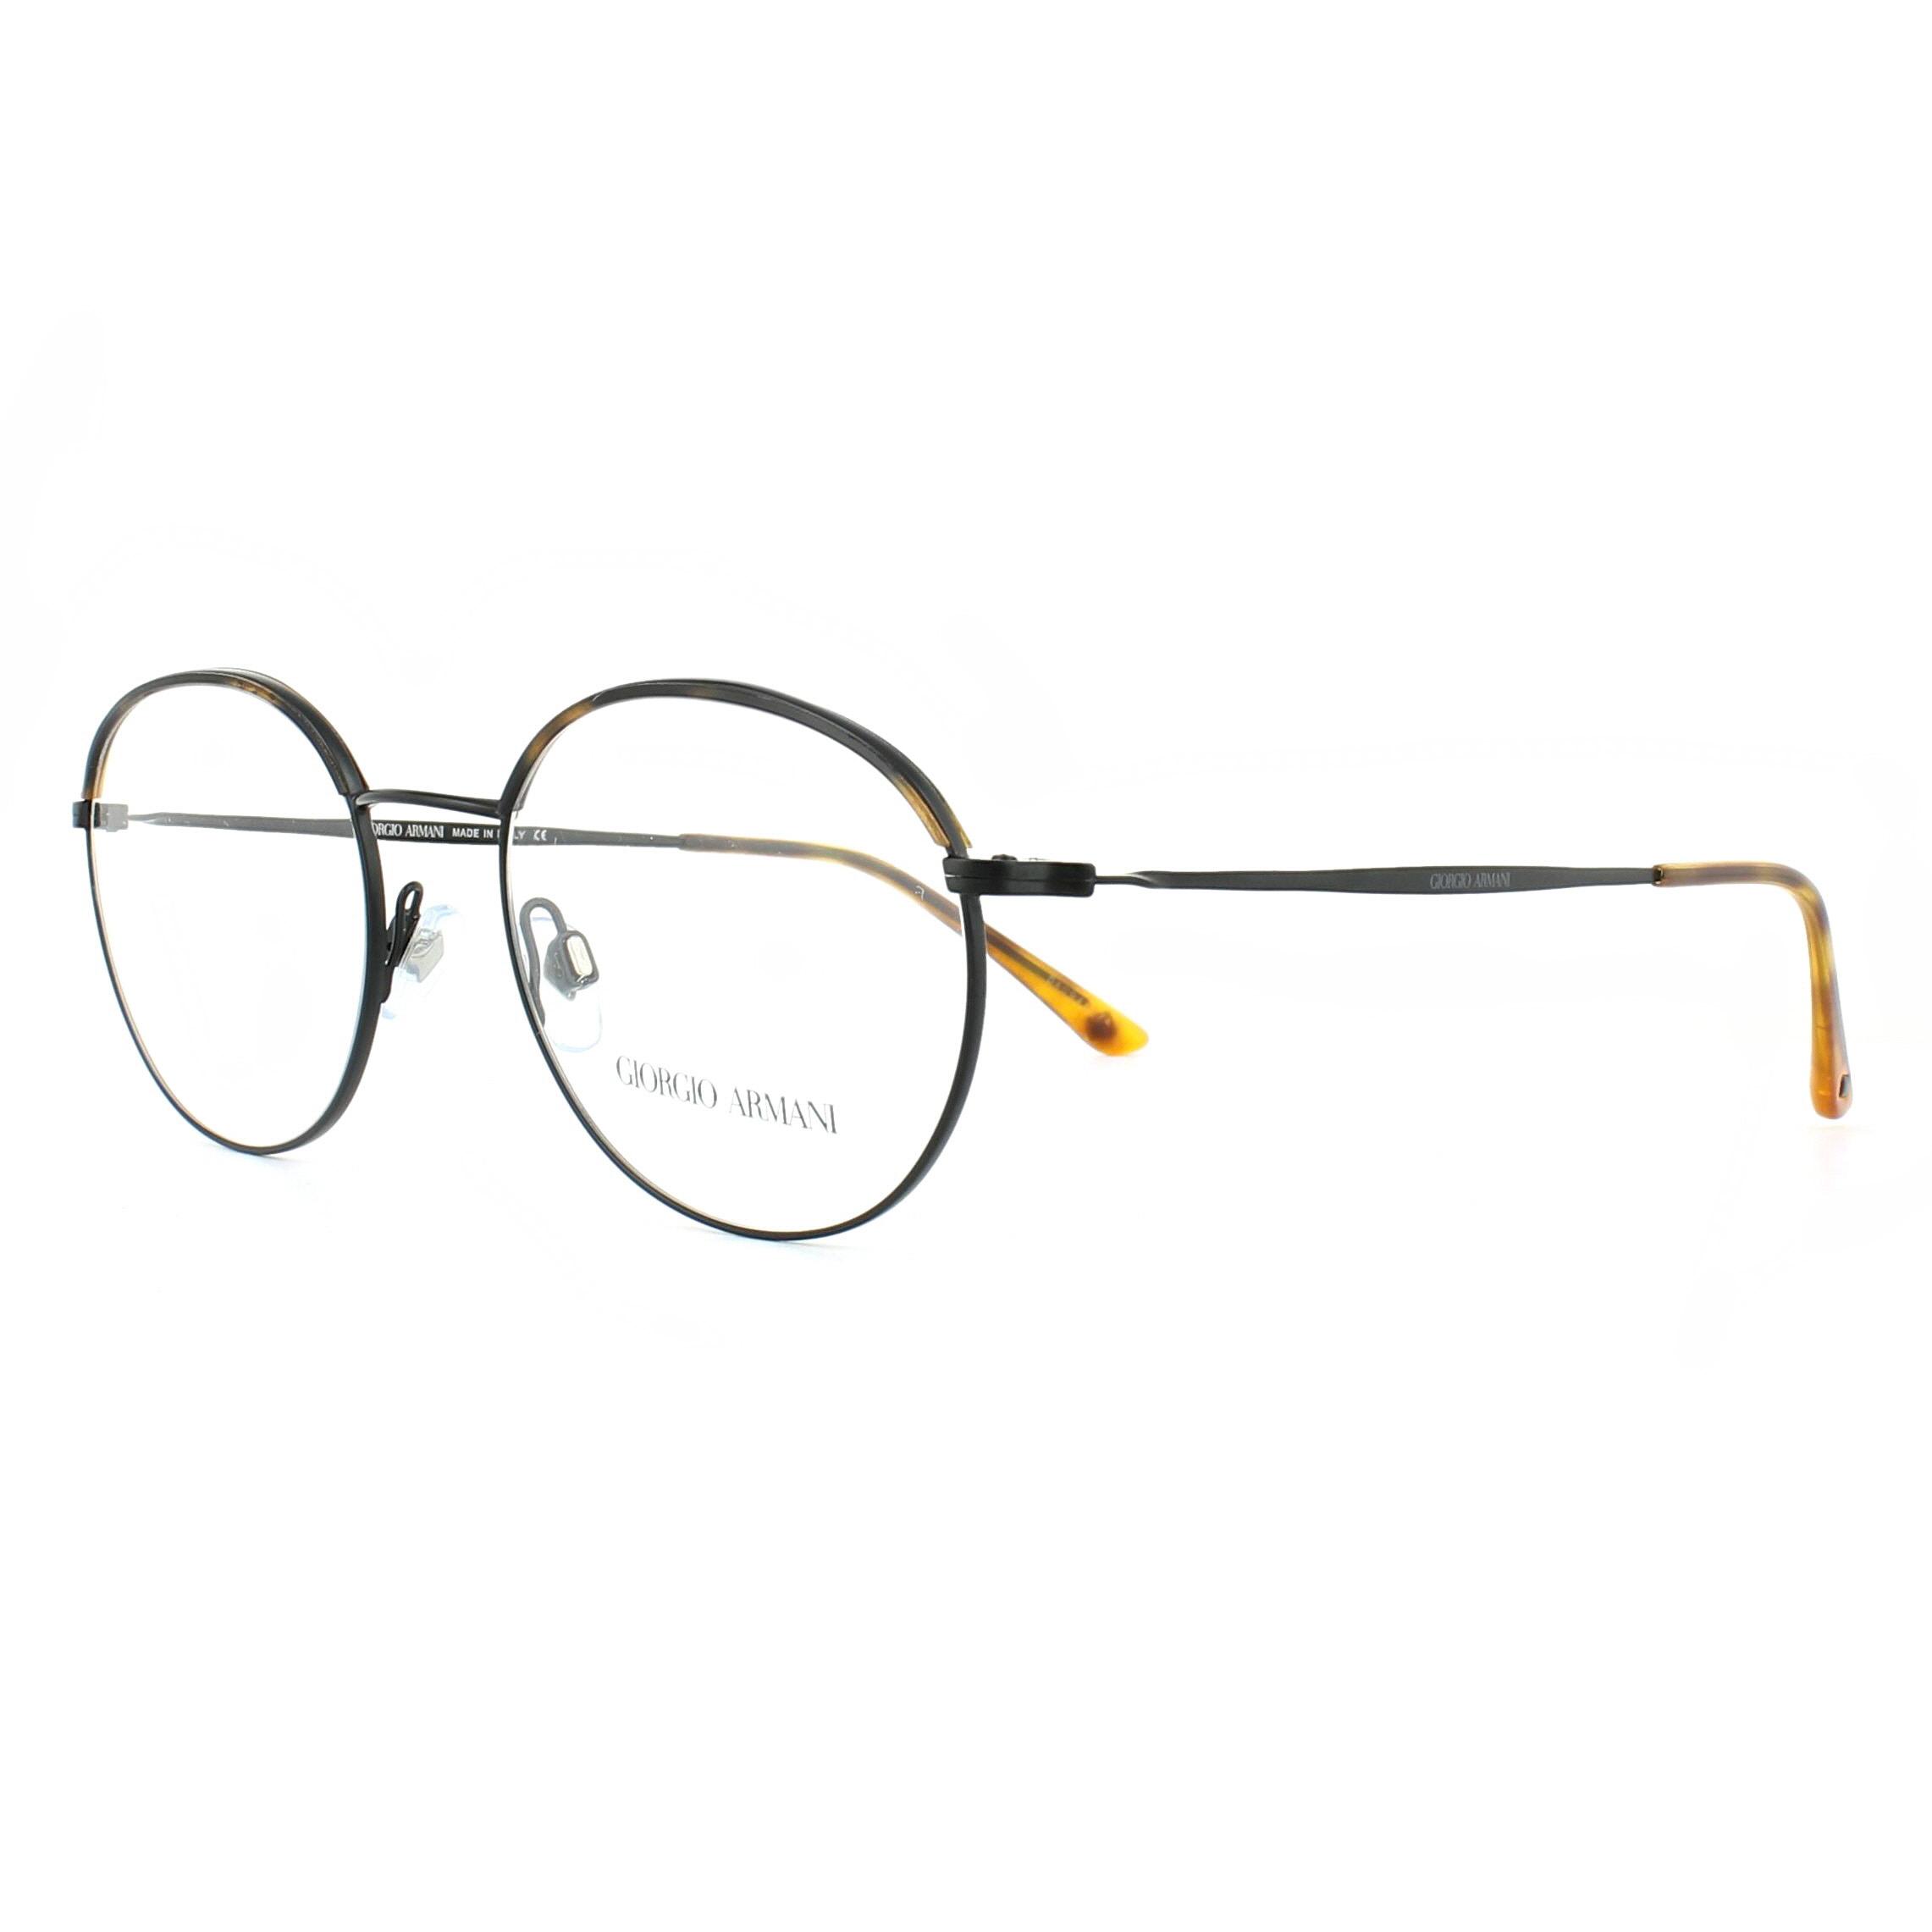 6df139e11d97d Cheap Giorgio Armani AR5070J Glasses Frames - Discounted Sunglasses